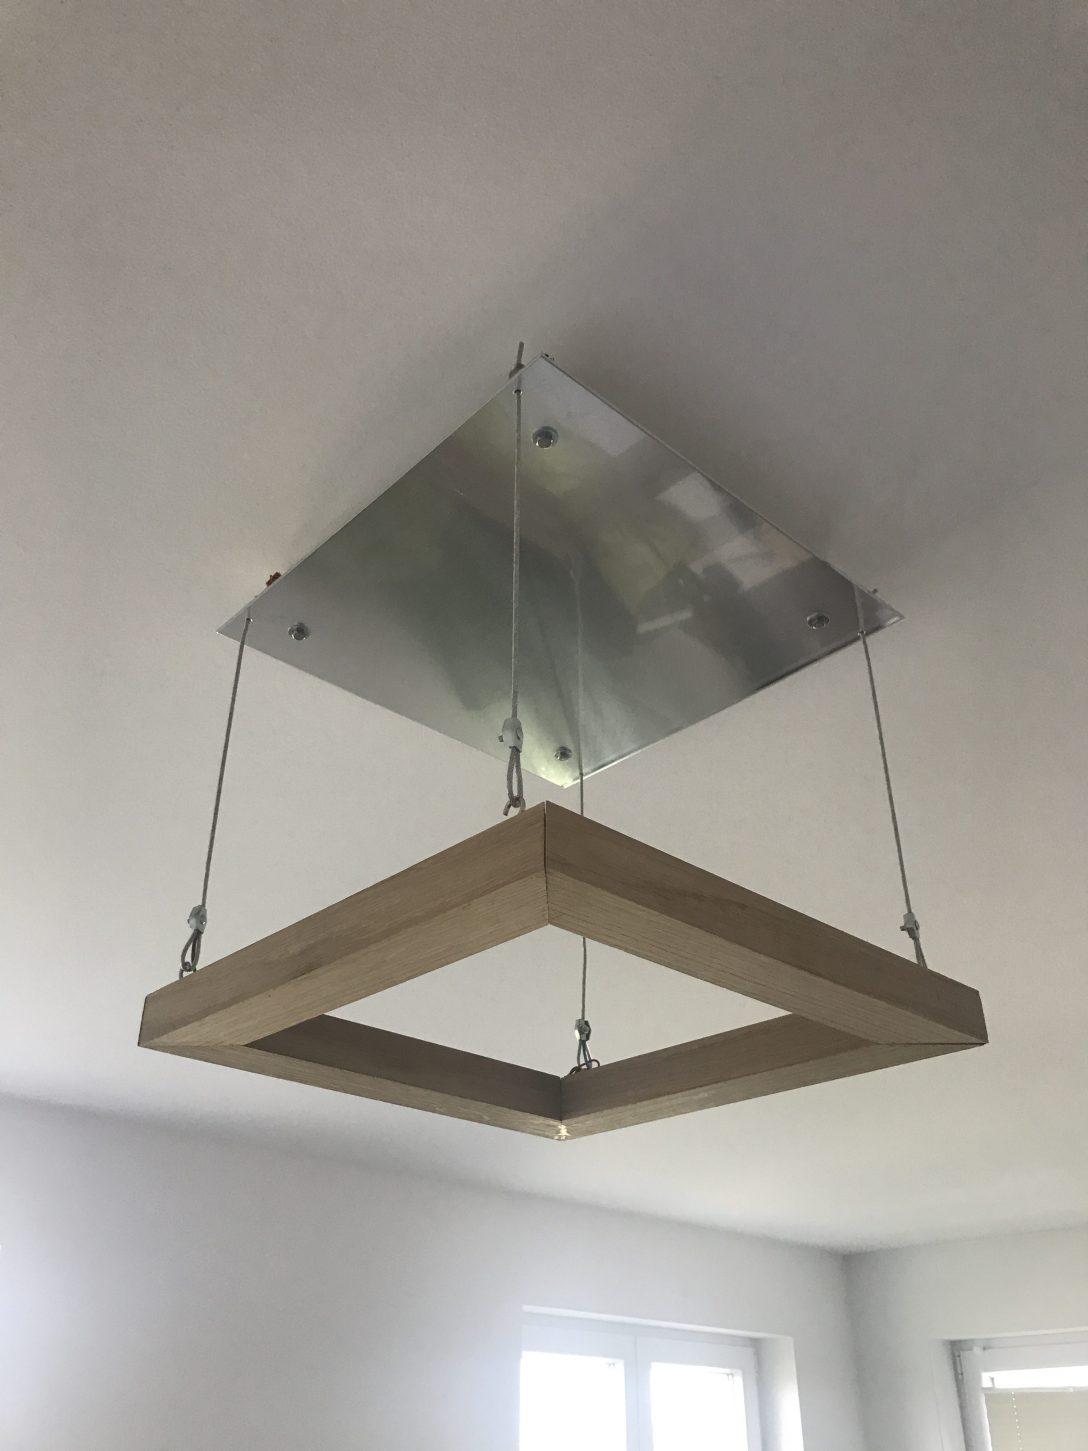 Large Size of Hngelampe Bad Deckenleuchte Deckenleuchten Schlafzimmer Wohnzimmer Deckenlampen Deckenlampe Lampe Badezimmer Decke Küche Led Tagesdecken Für Betten Wohnzimmer Holzlampe Decke